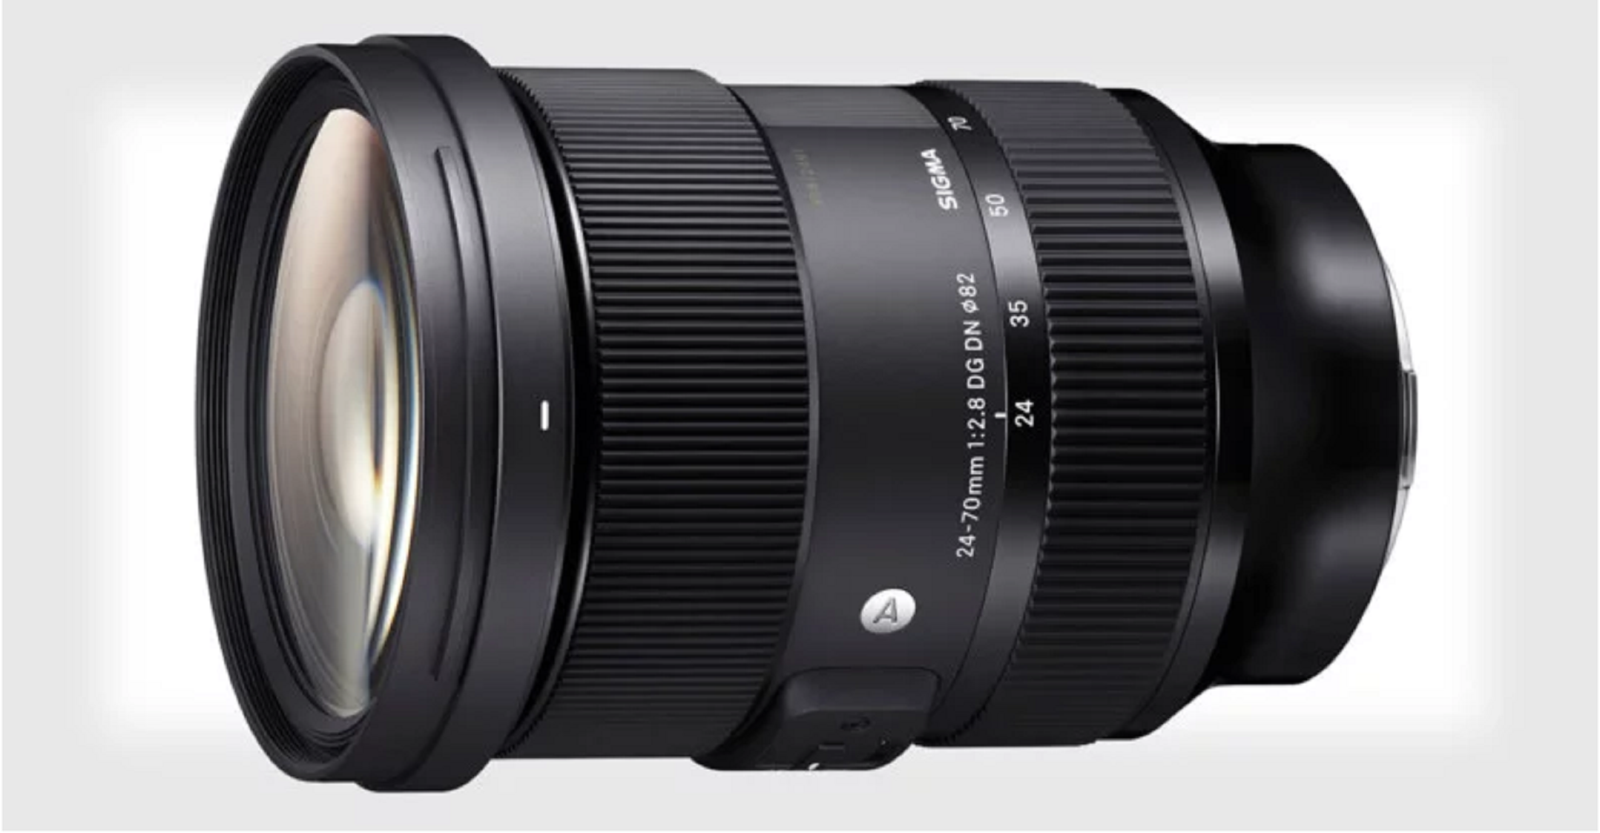 Sigma ra mắt ống kính24-70mm F2.8 DG DN Art dành cho Sony E-mount và máy ảnh L-mount